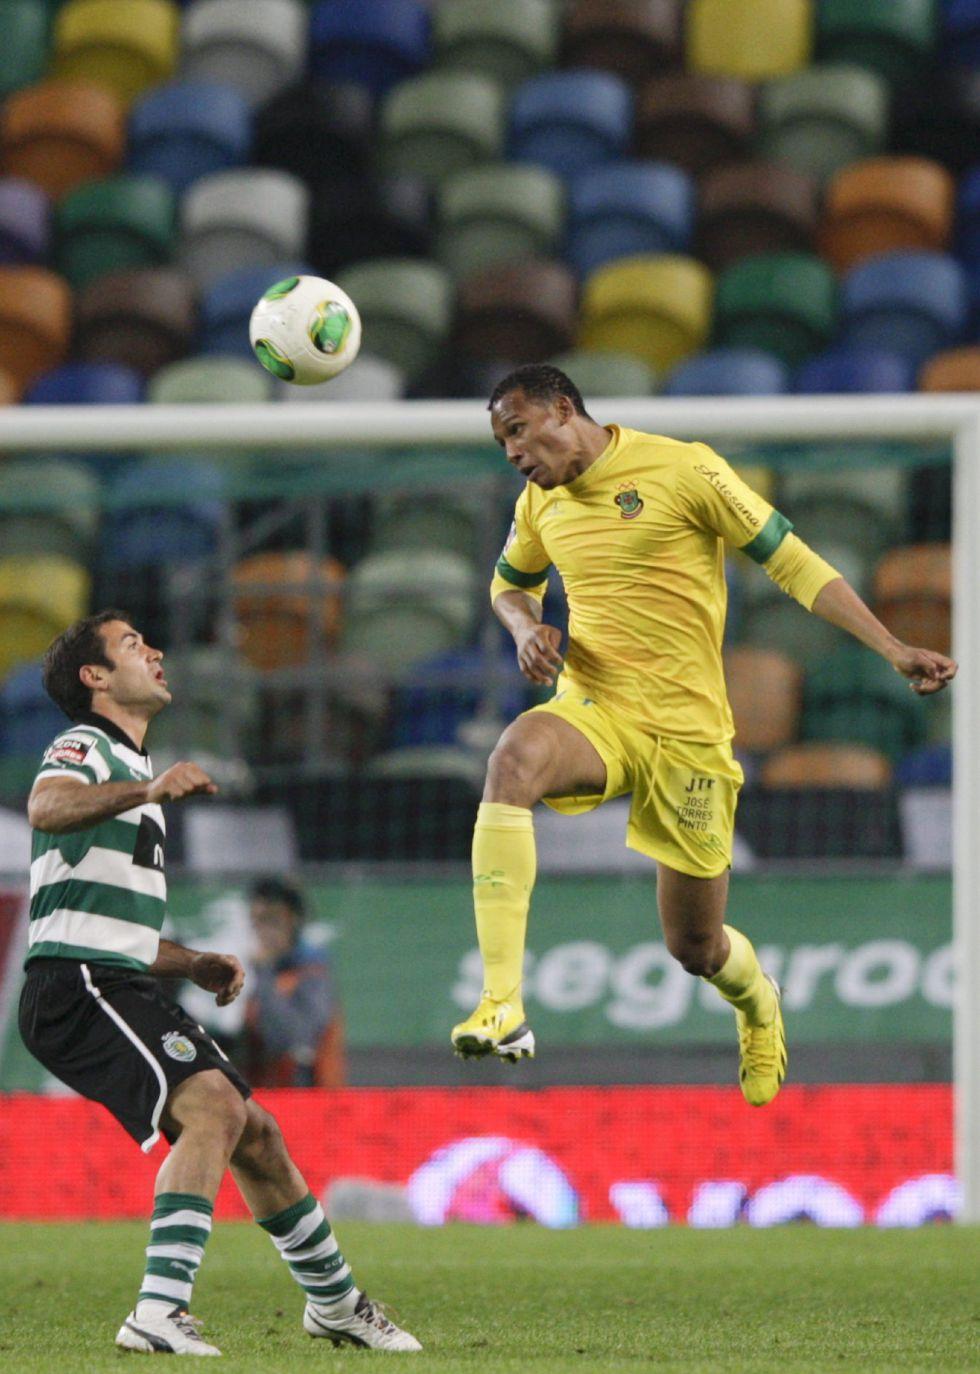 Con gol de Hurtado, el Sporting cae ante el Pacos de Ferreira